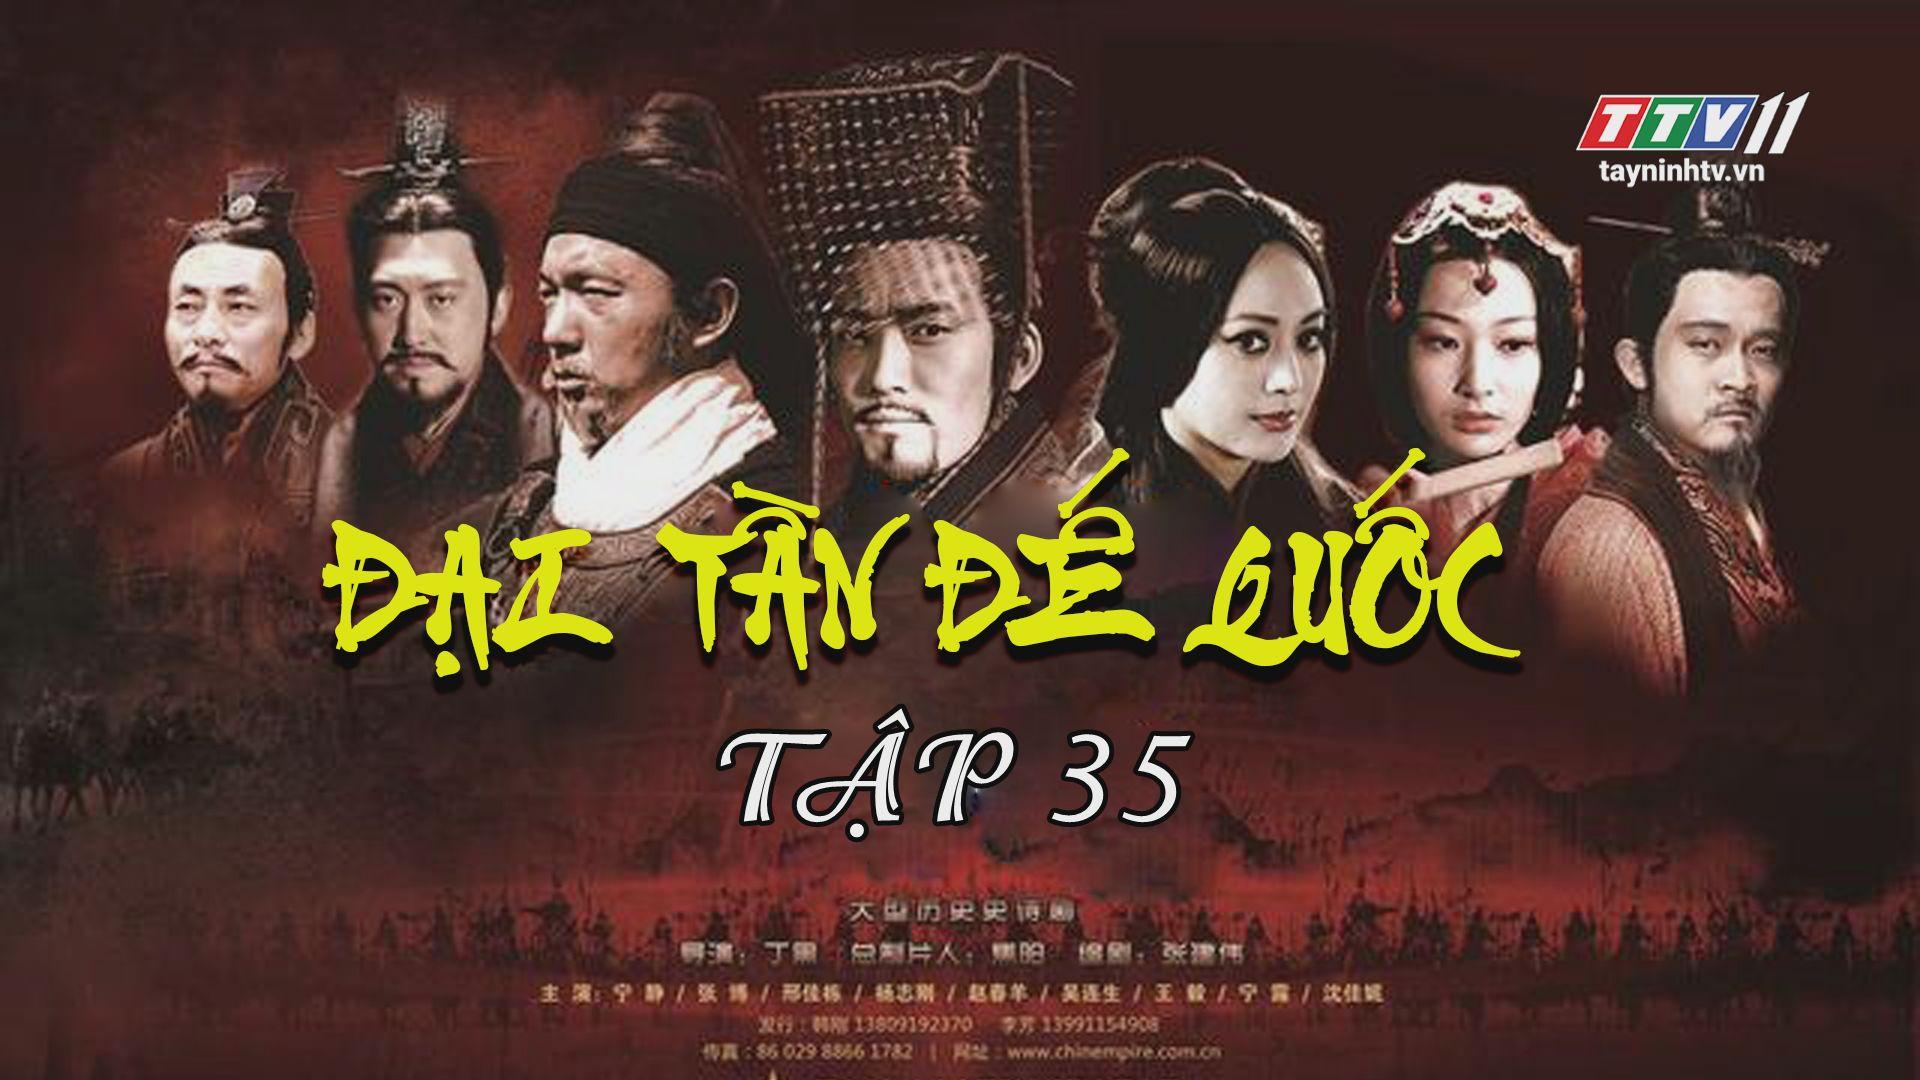 Tập 35 | ĐẠI TẦN ĐẾ QUỐC - Phần 3 - QUẬT KHỞI - FULL HD | TayNinhTV